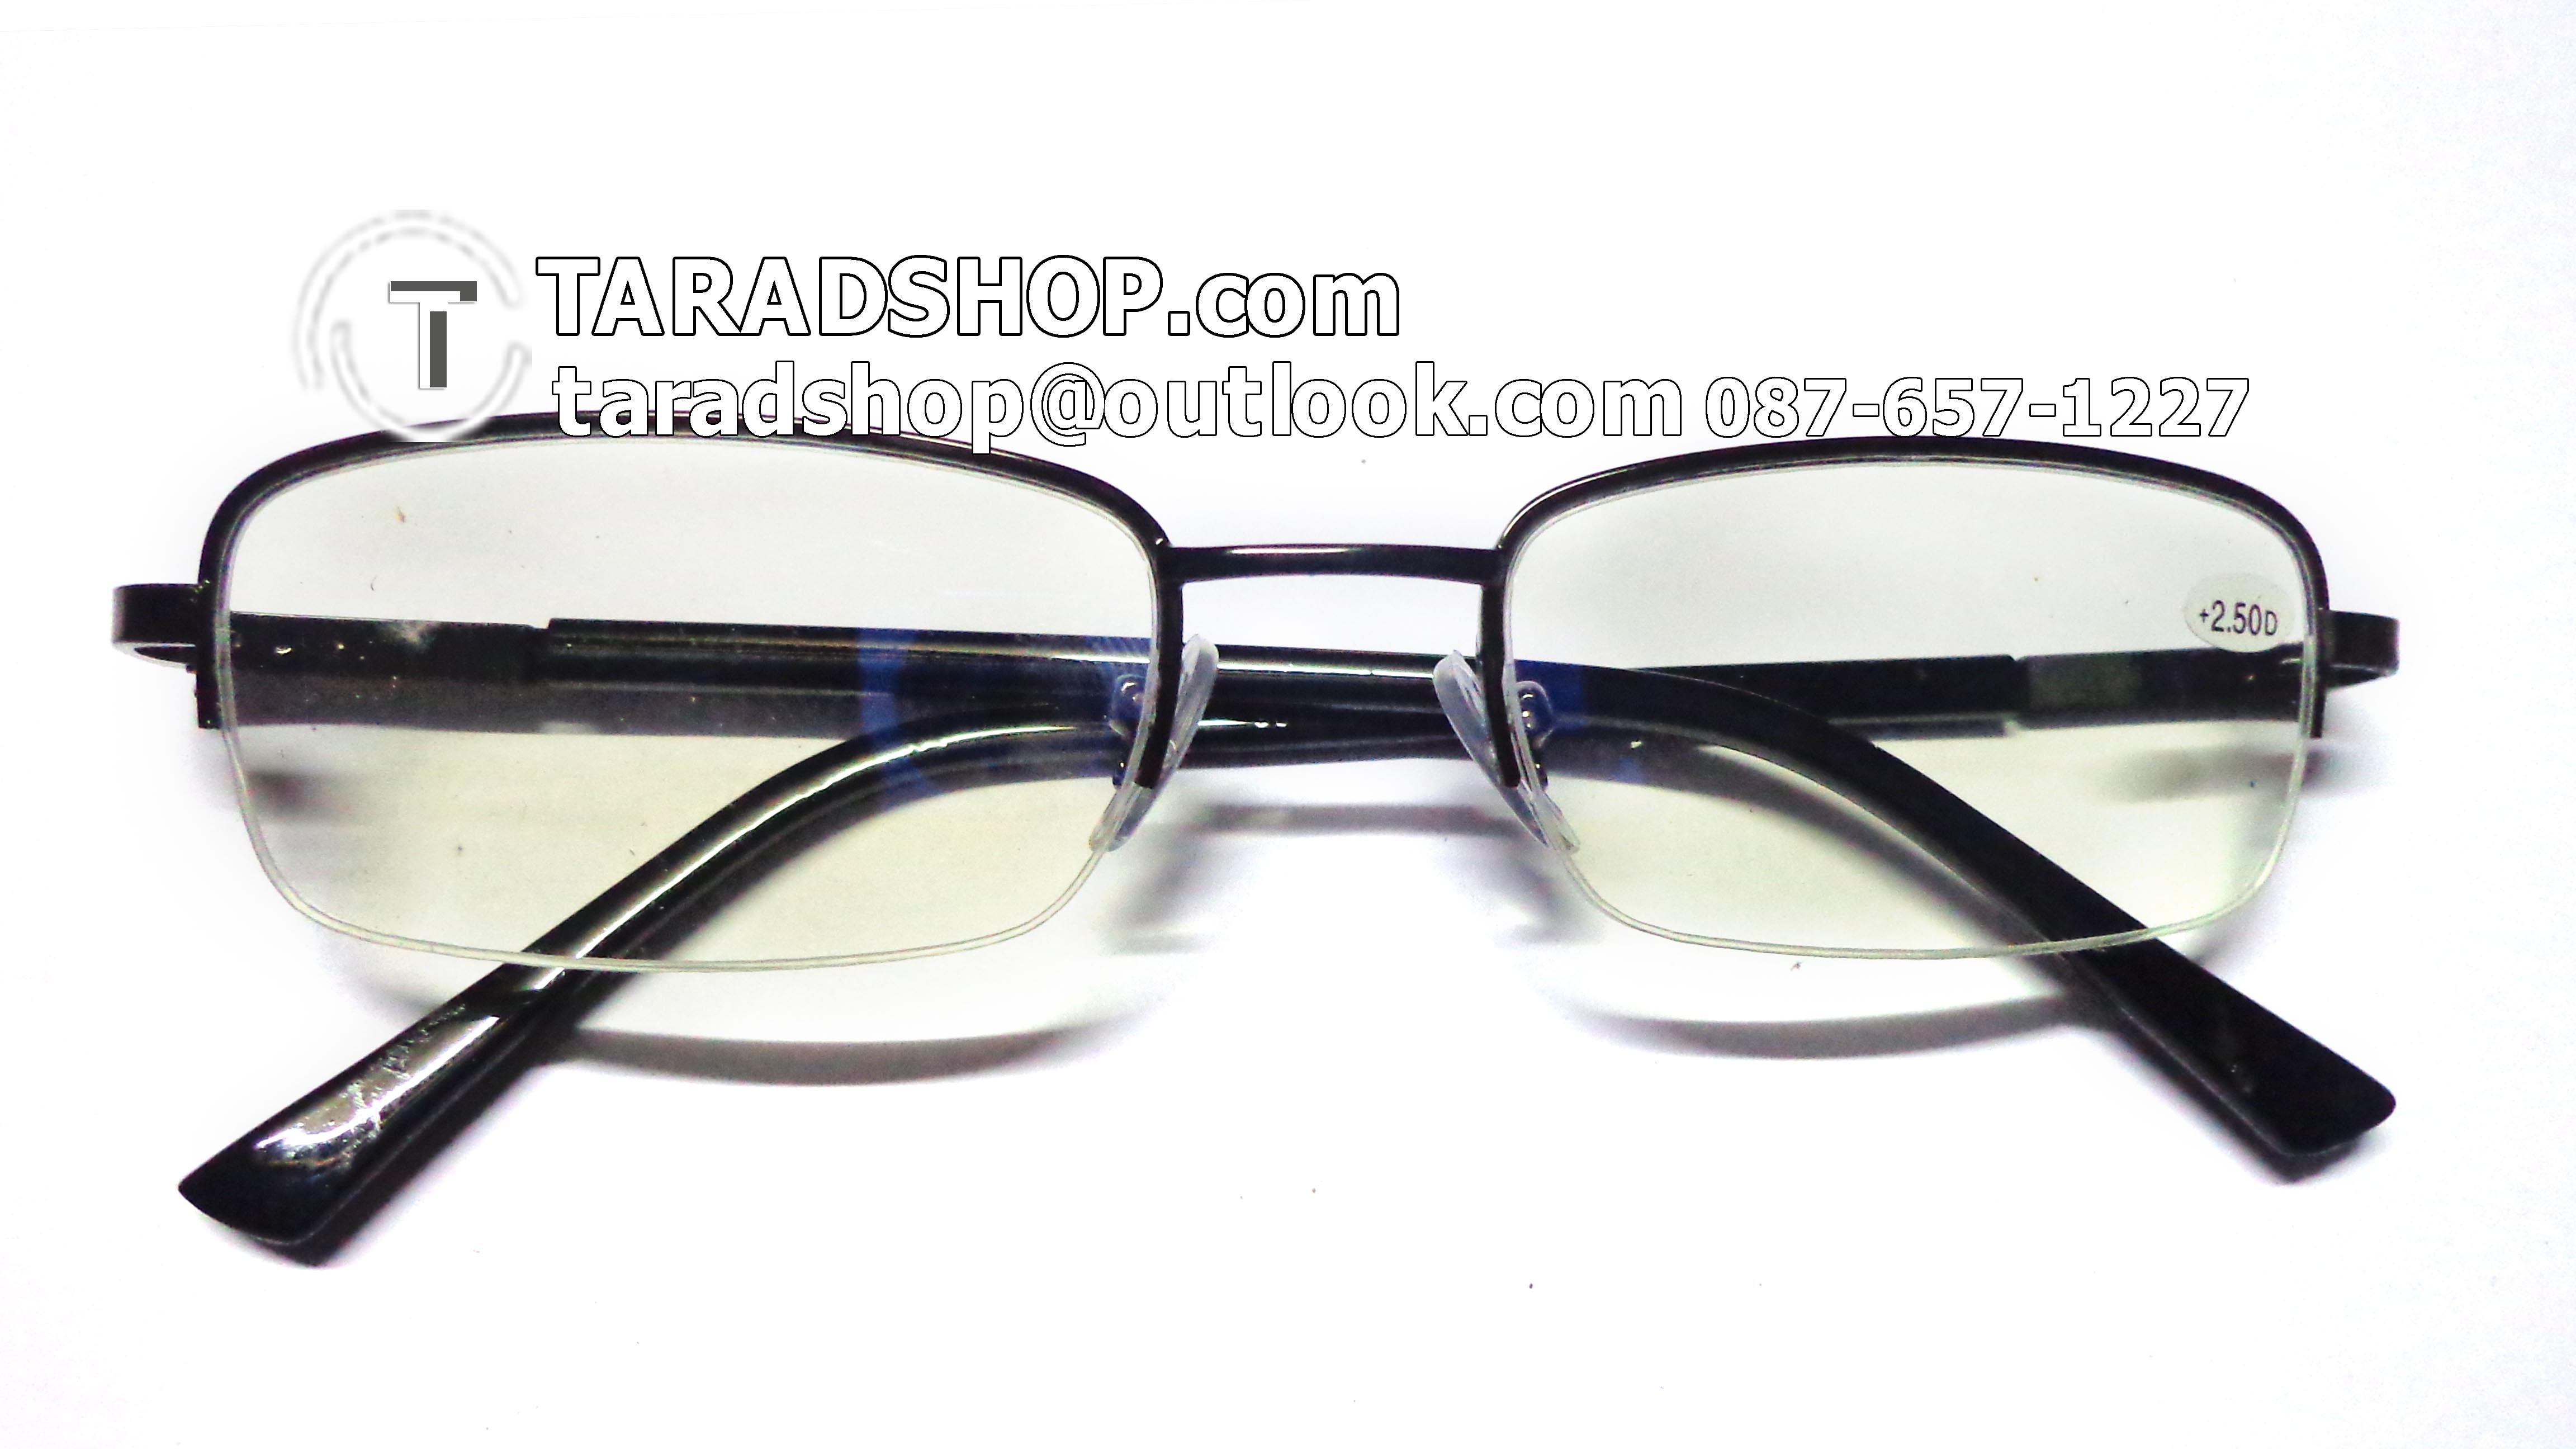 แว่นสายตา ยาว +2.50D ( สีเลนส์ กระจกใส ) สีกรอบ ขาว) ขา สแตนเลส